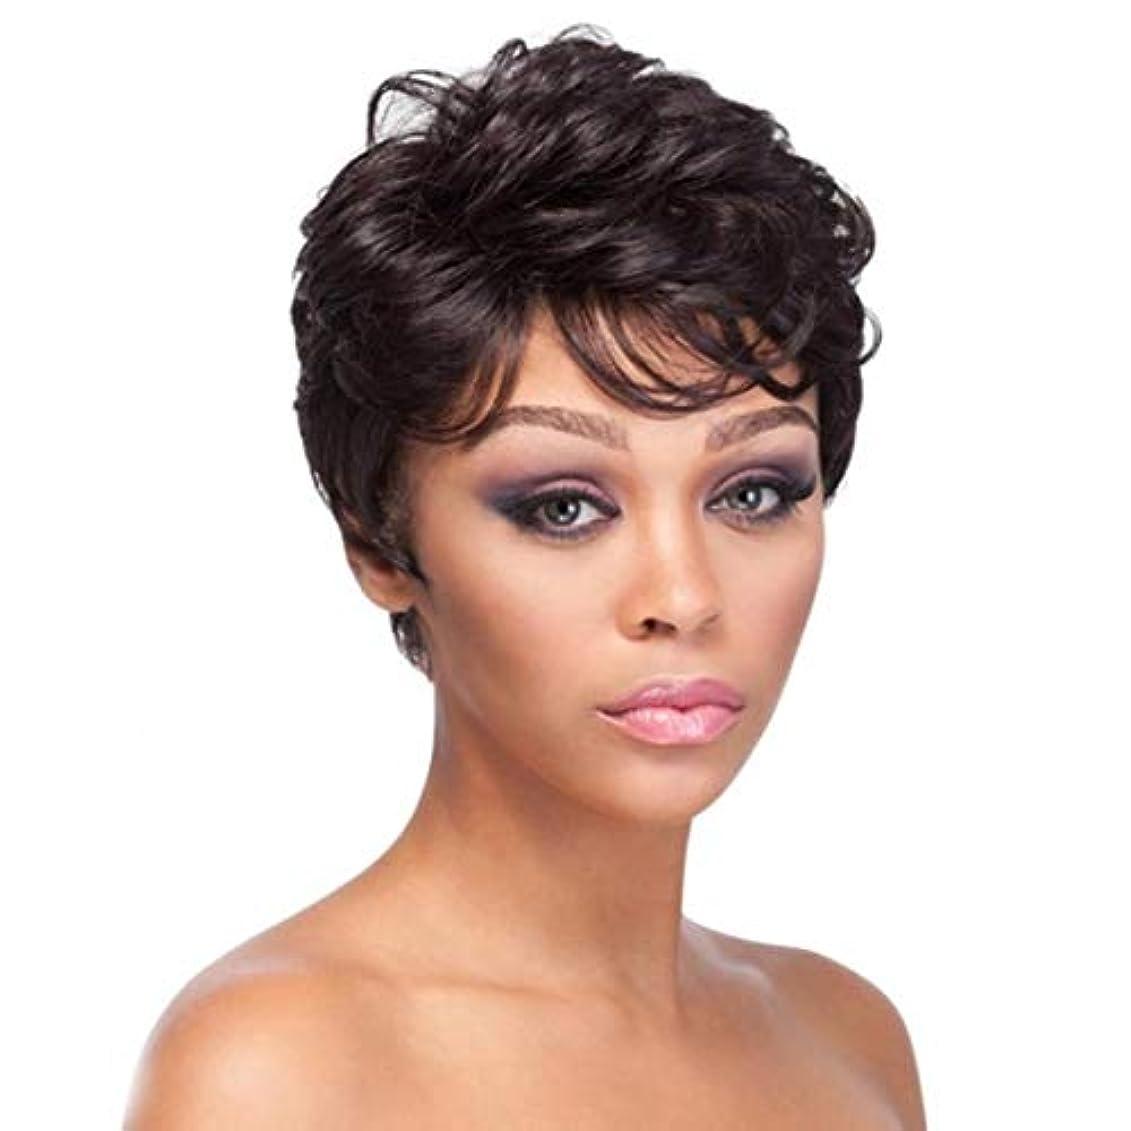 足首北へ聖書Kerwinner 女性のための短い巻き毛のかつら前髪合成繊維のかつらでかつらかつら